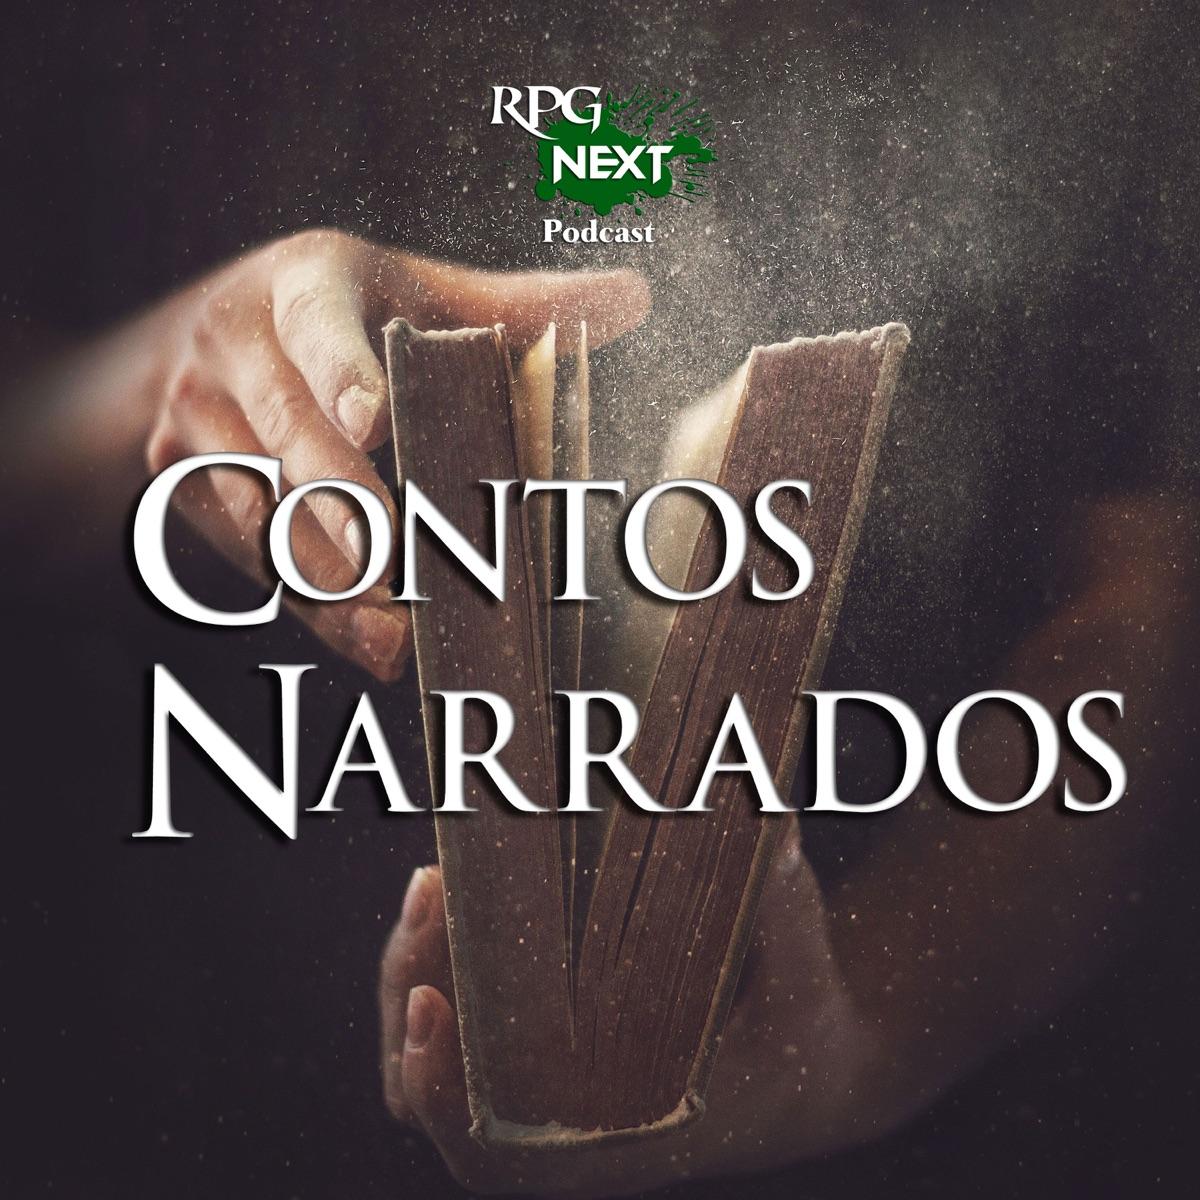 RPG Next: Contos Narrados